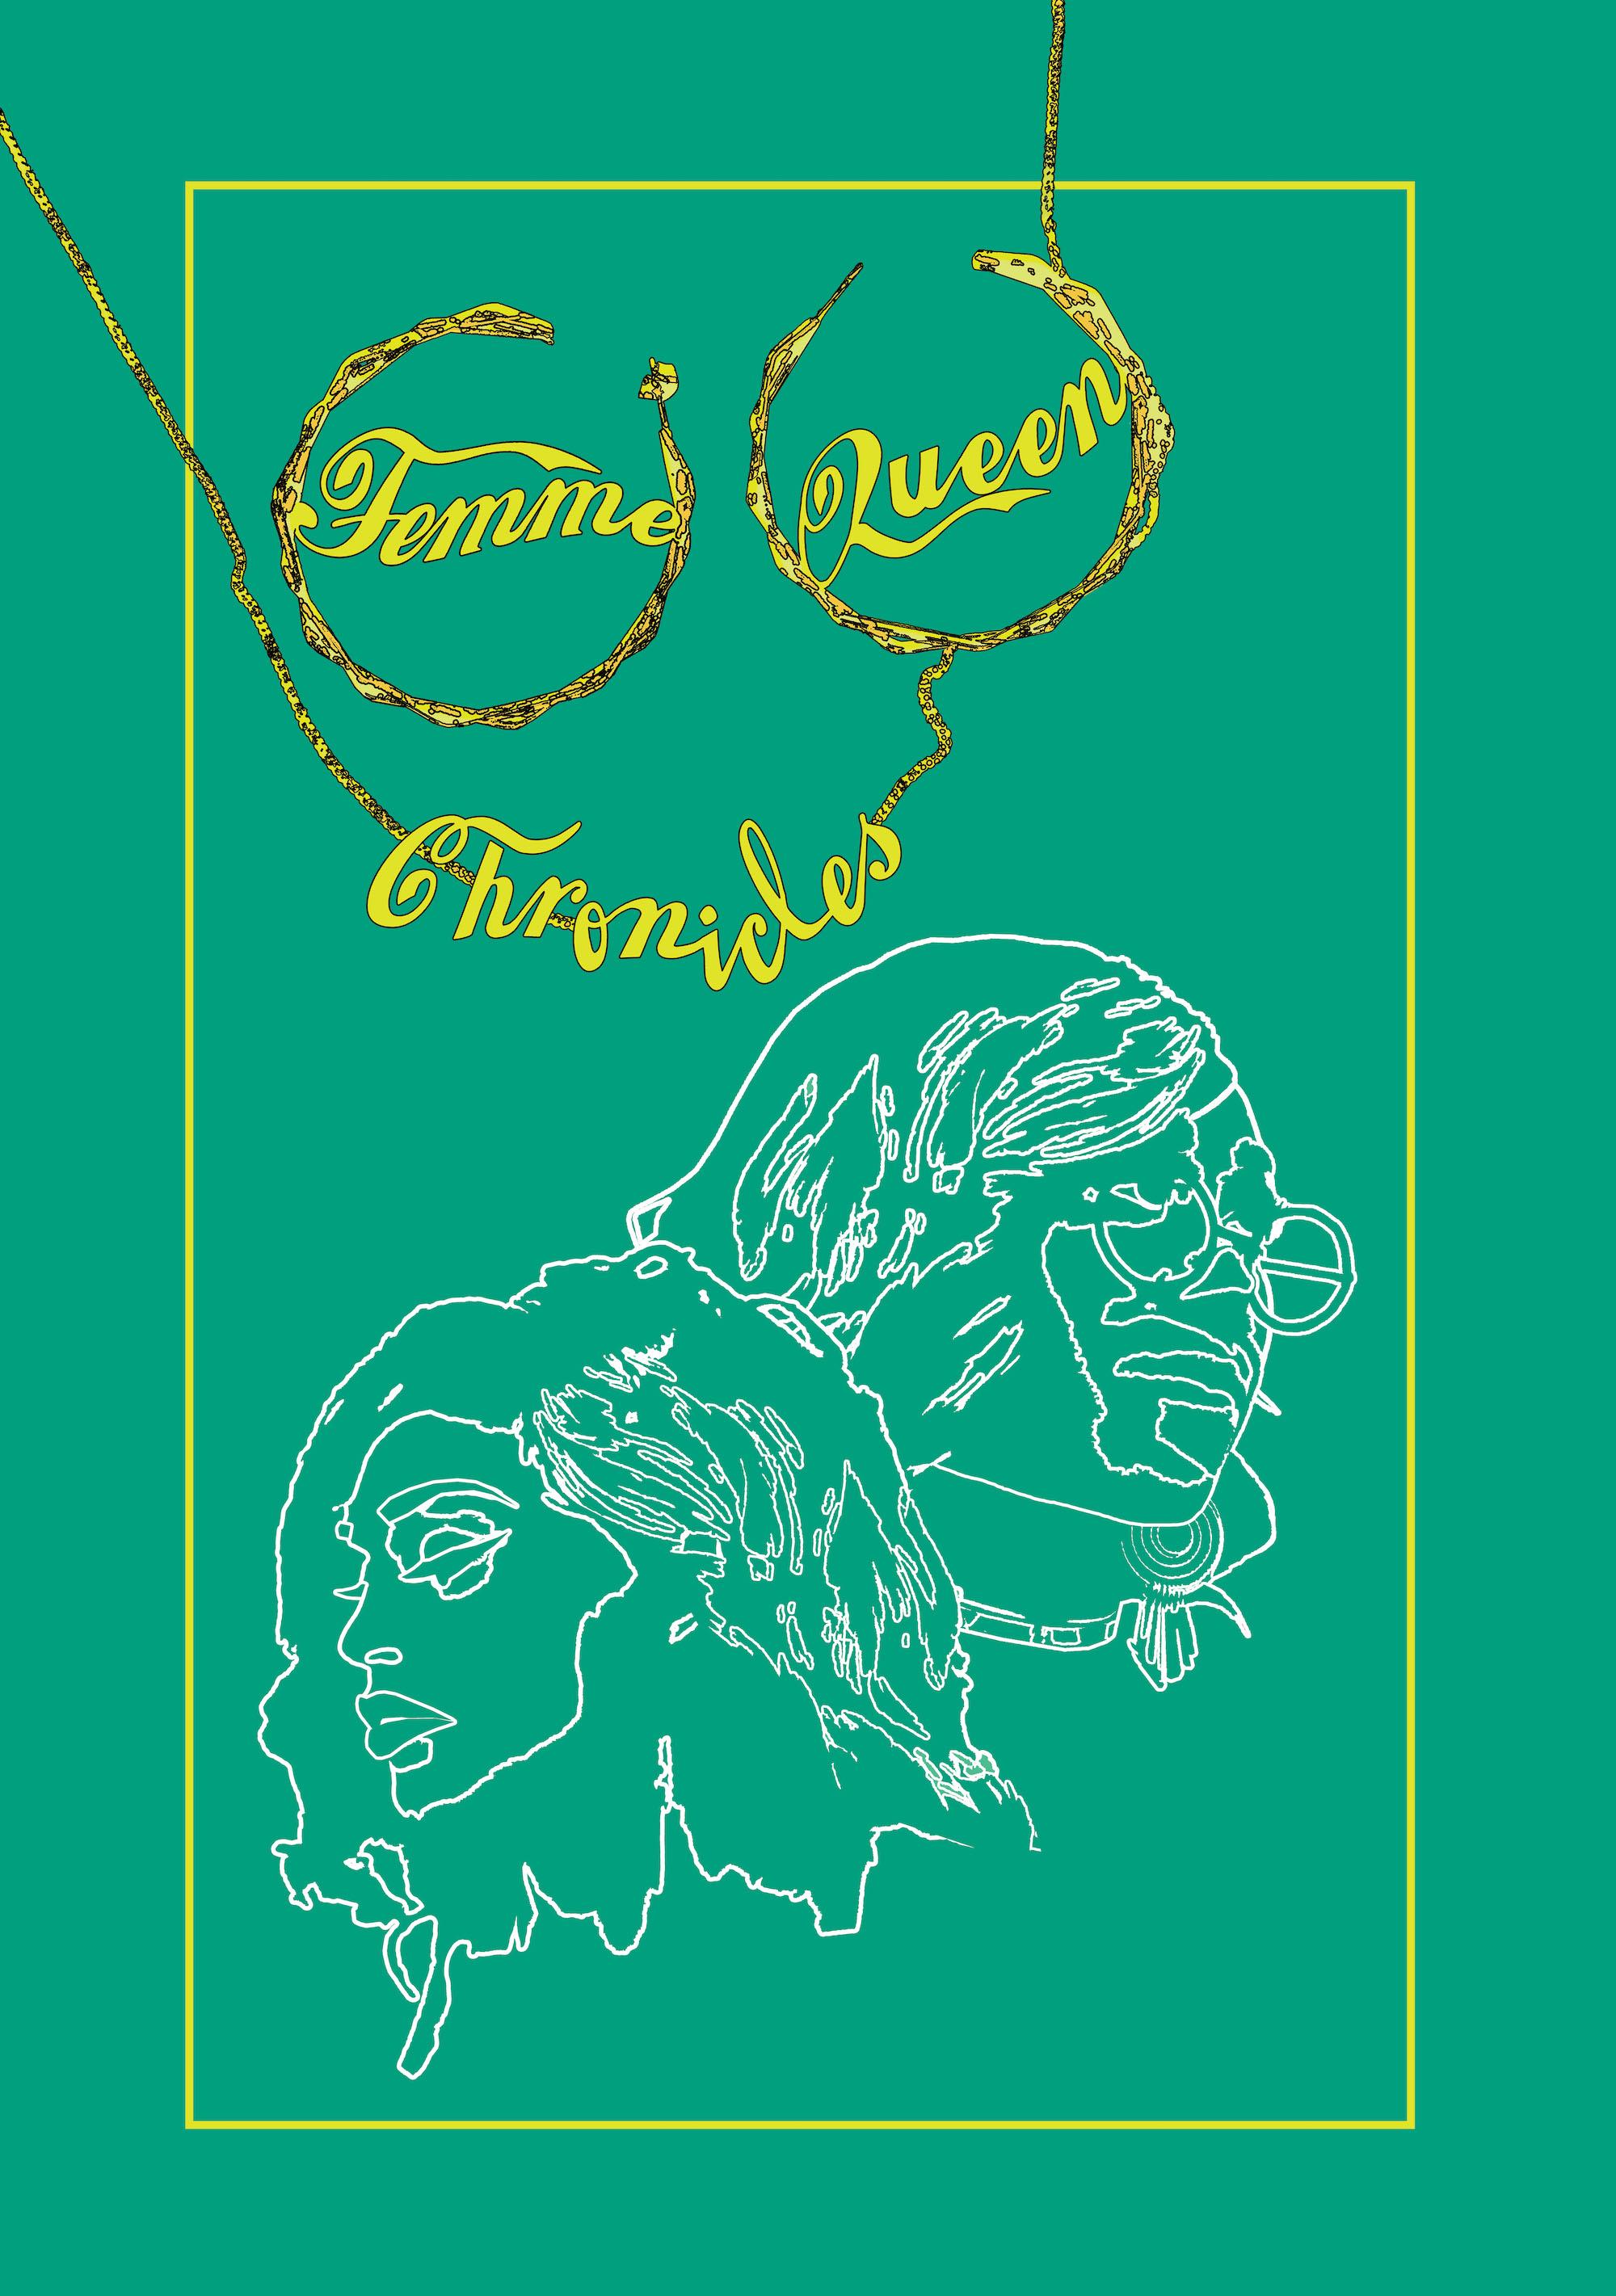 Femme Queen Chronicles